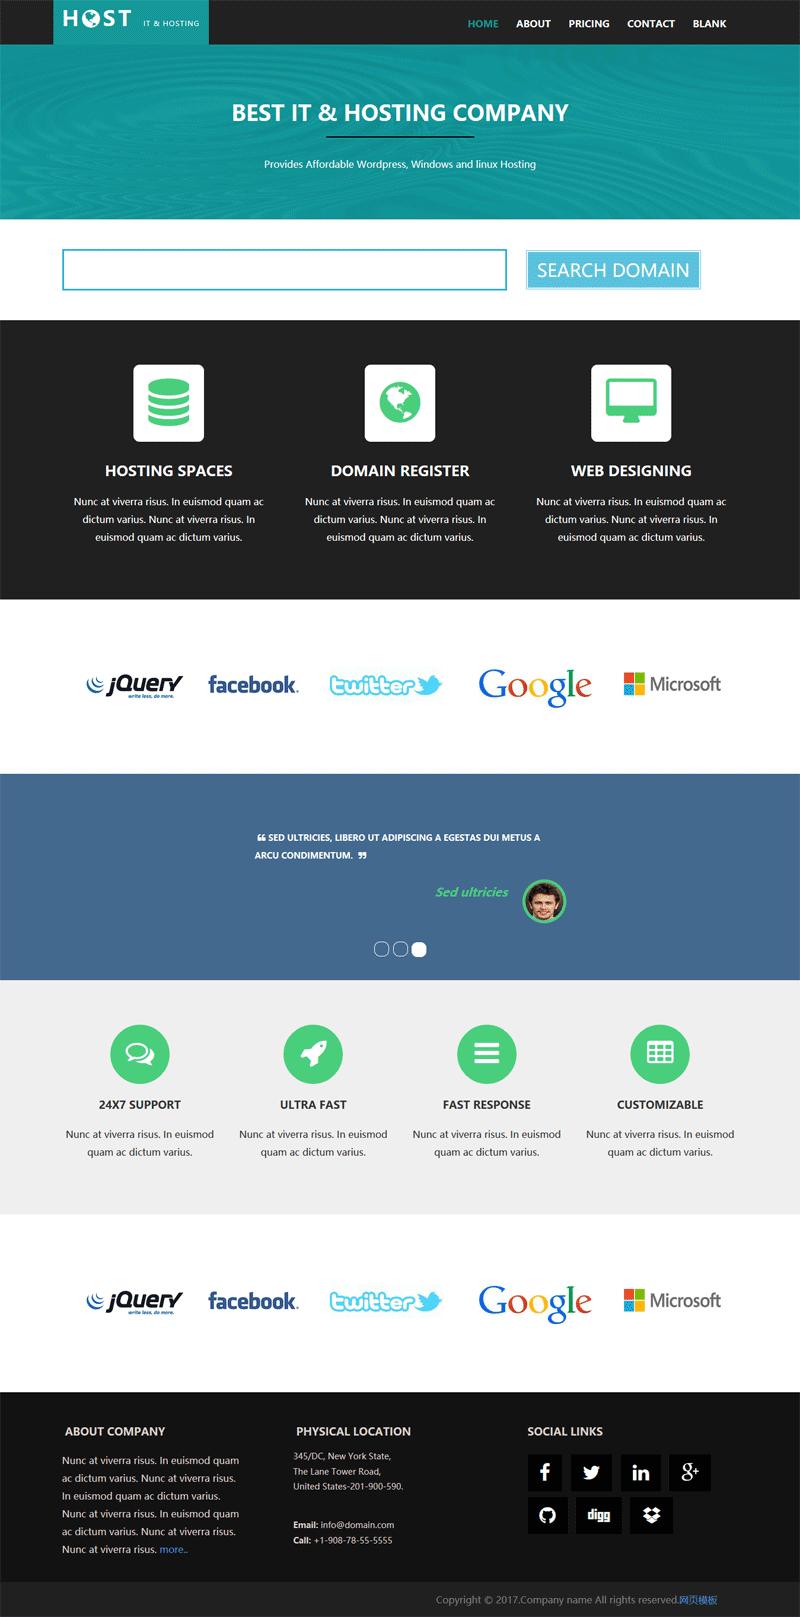 简单的虚拟空间租赁IT公司网站模板下载